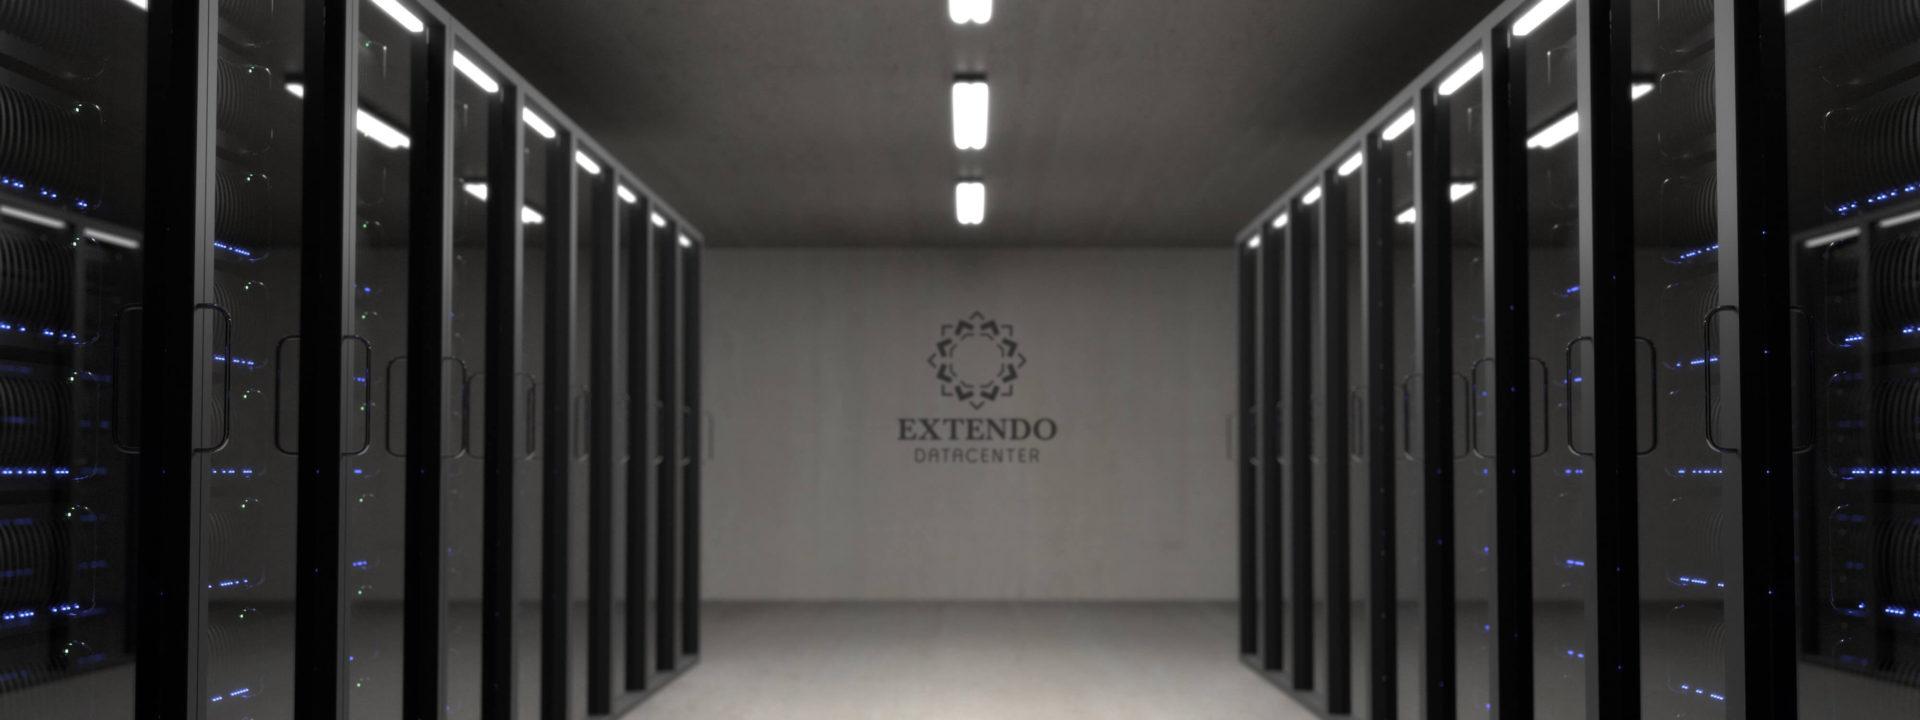 EUROCFD HPC Centre de Calculs - EXTENDO